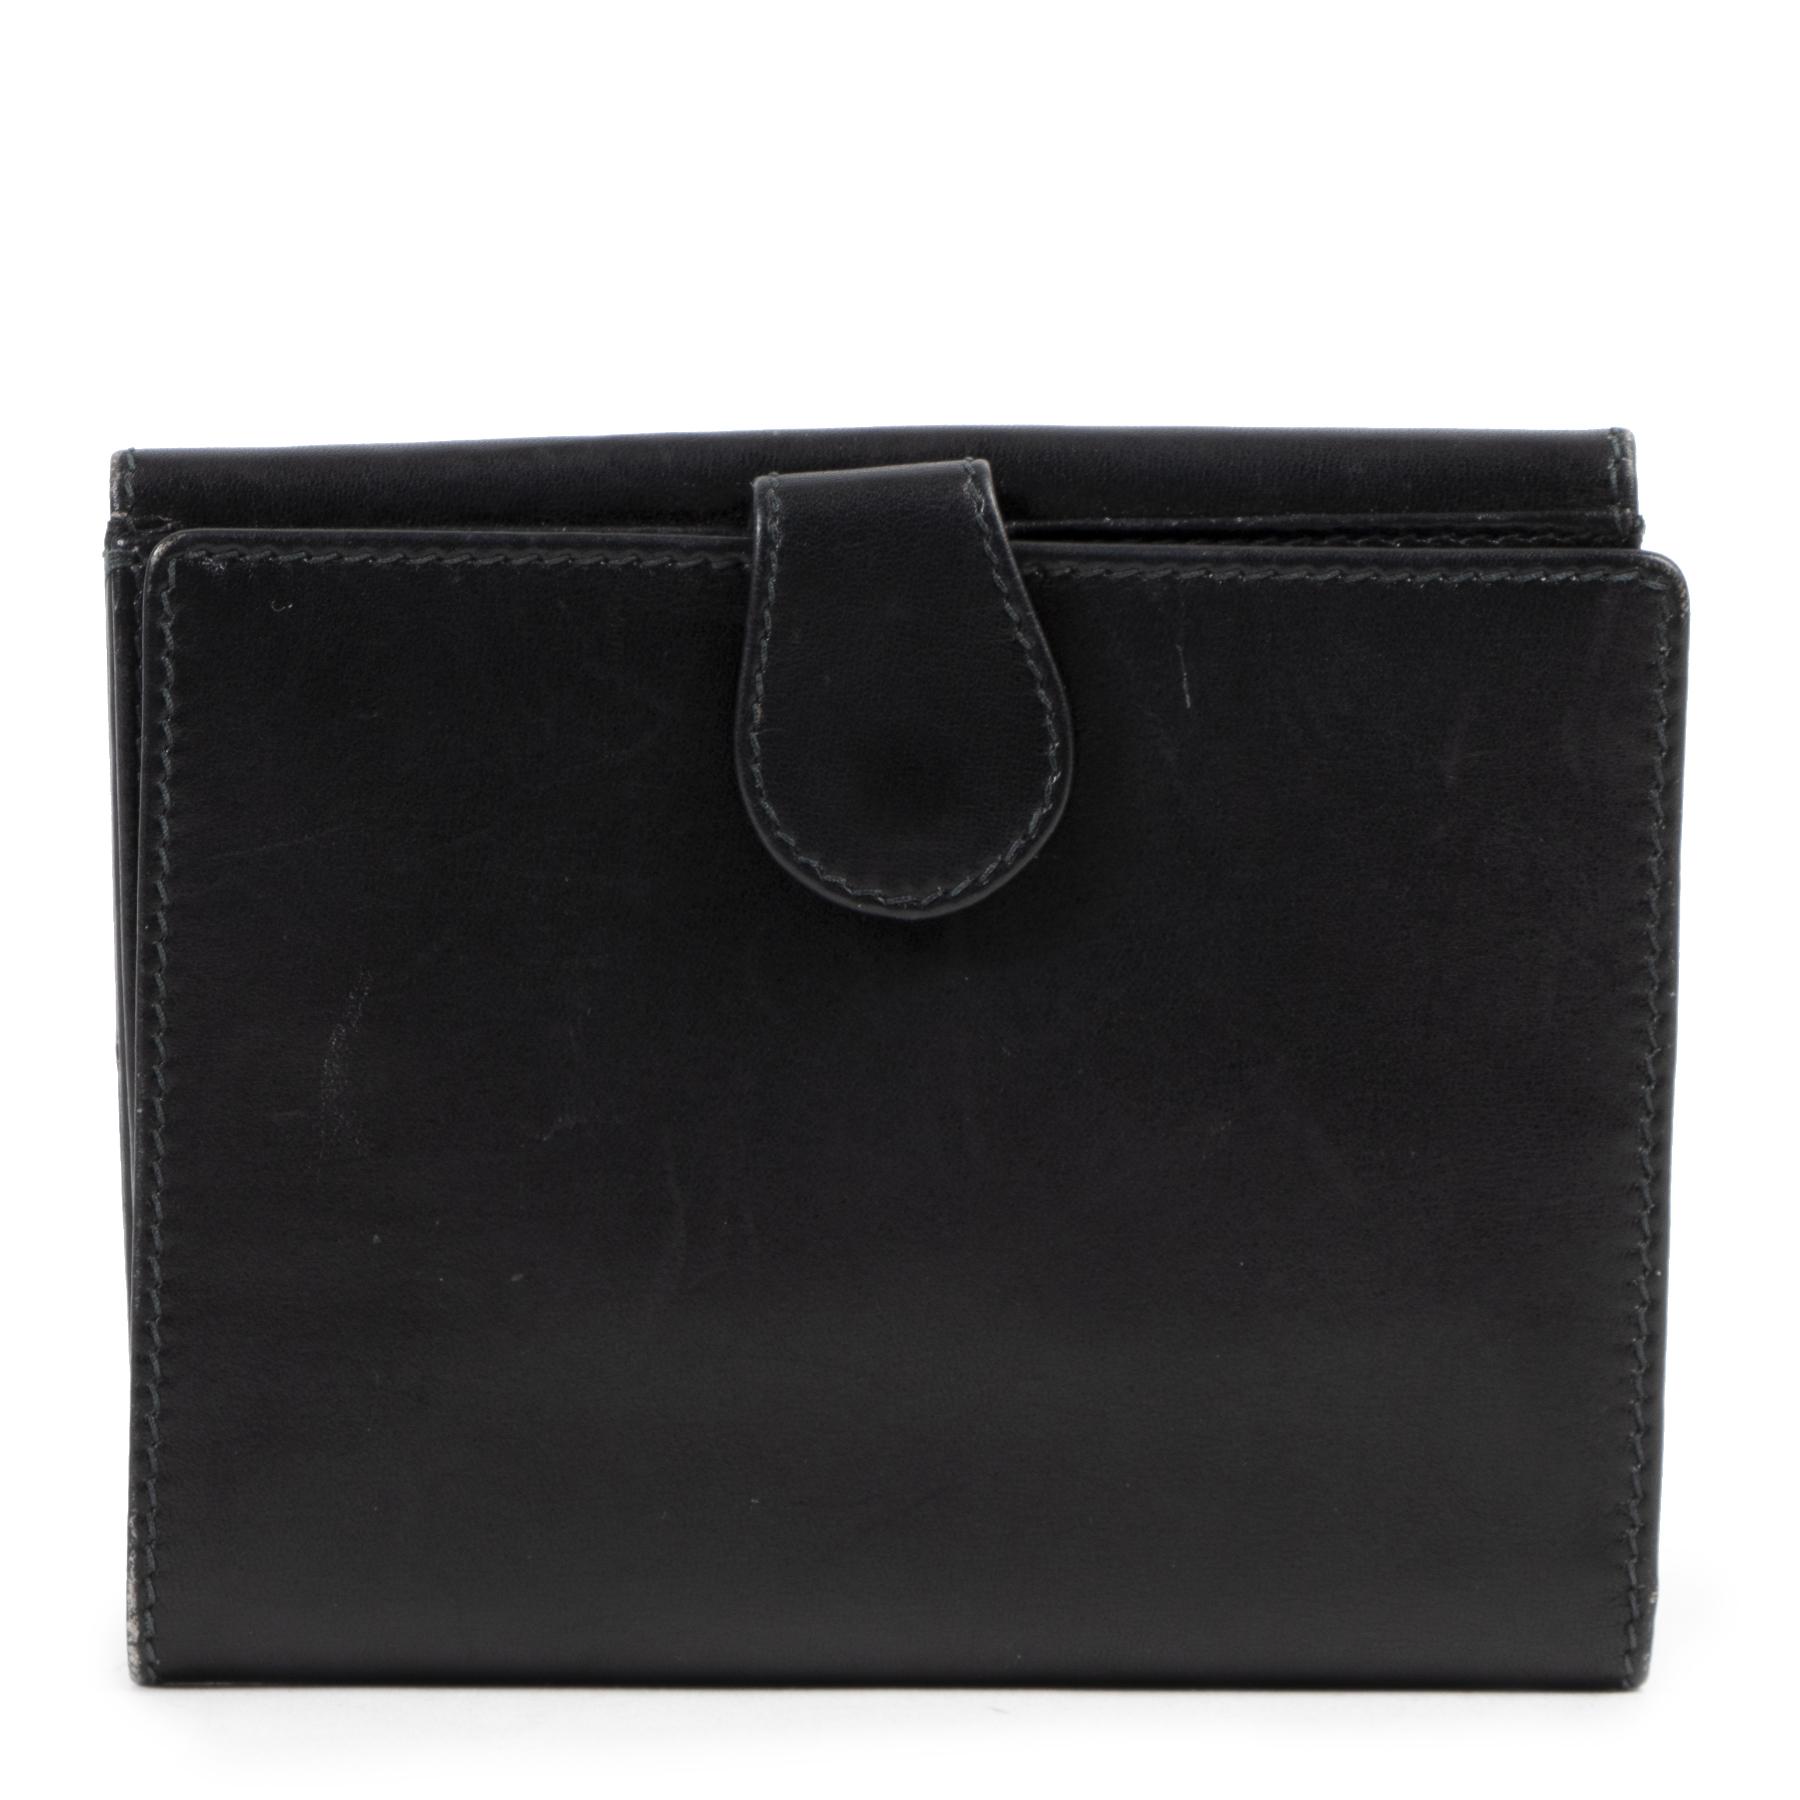 Authentieke Tweedehands Gucci Black Leather GG Wallet juiste prijs veilig online shoppen luxe merken webshop winkelen Antwerpen België mode fashion